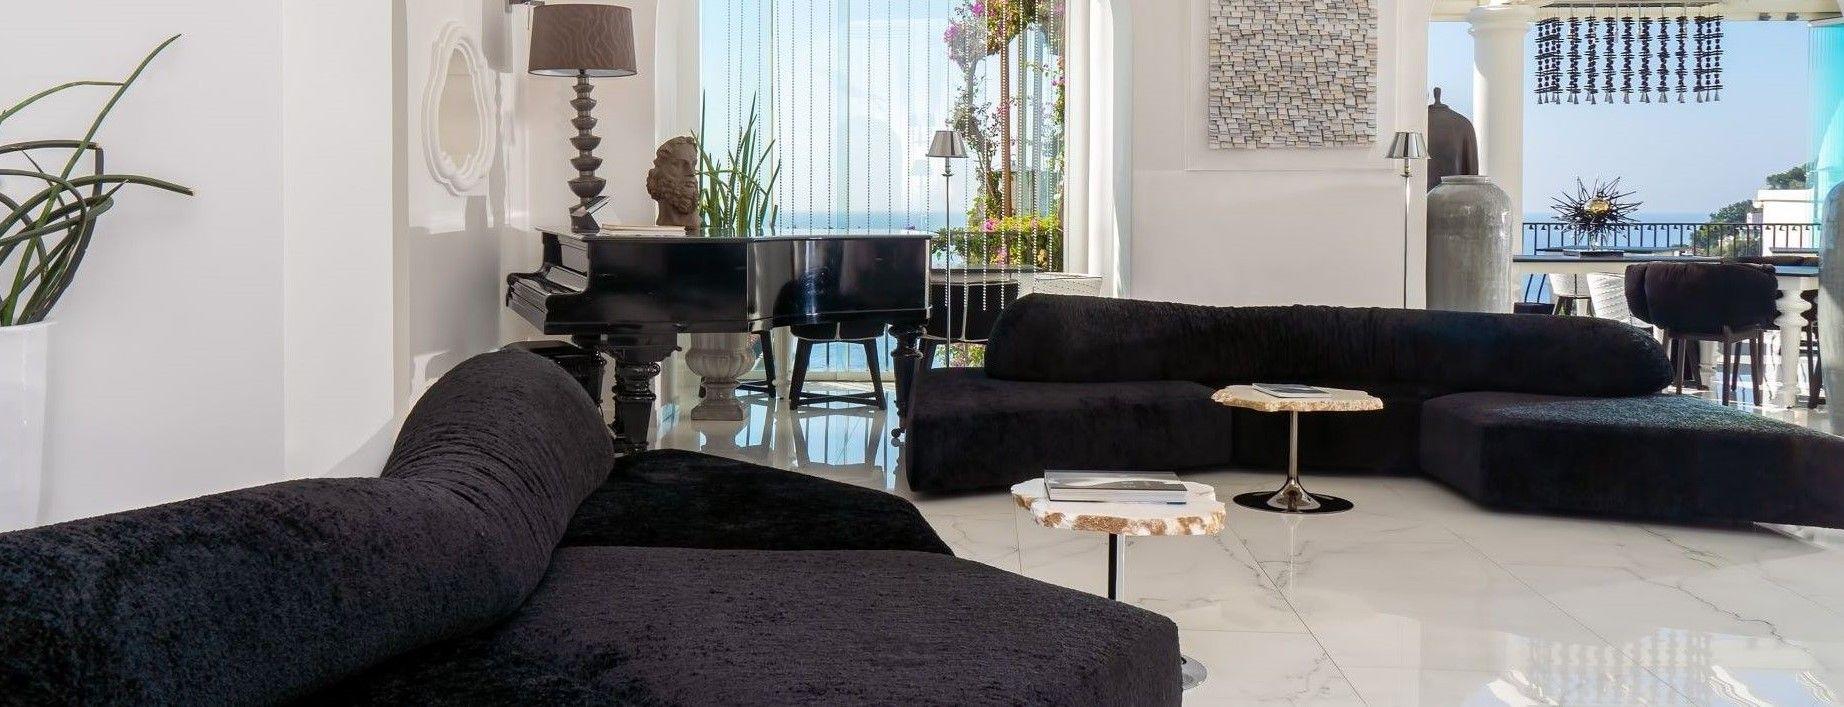 Hotel Villa Franca - Positano - image 1